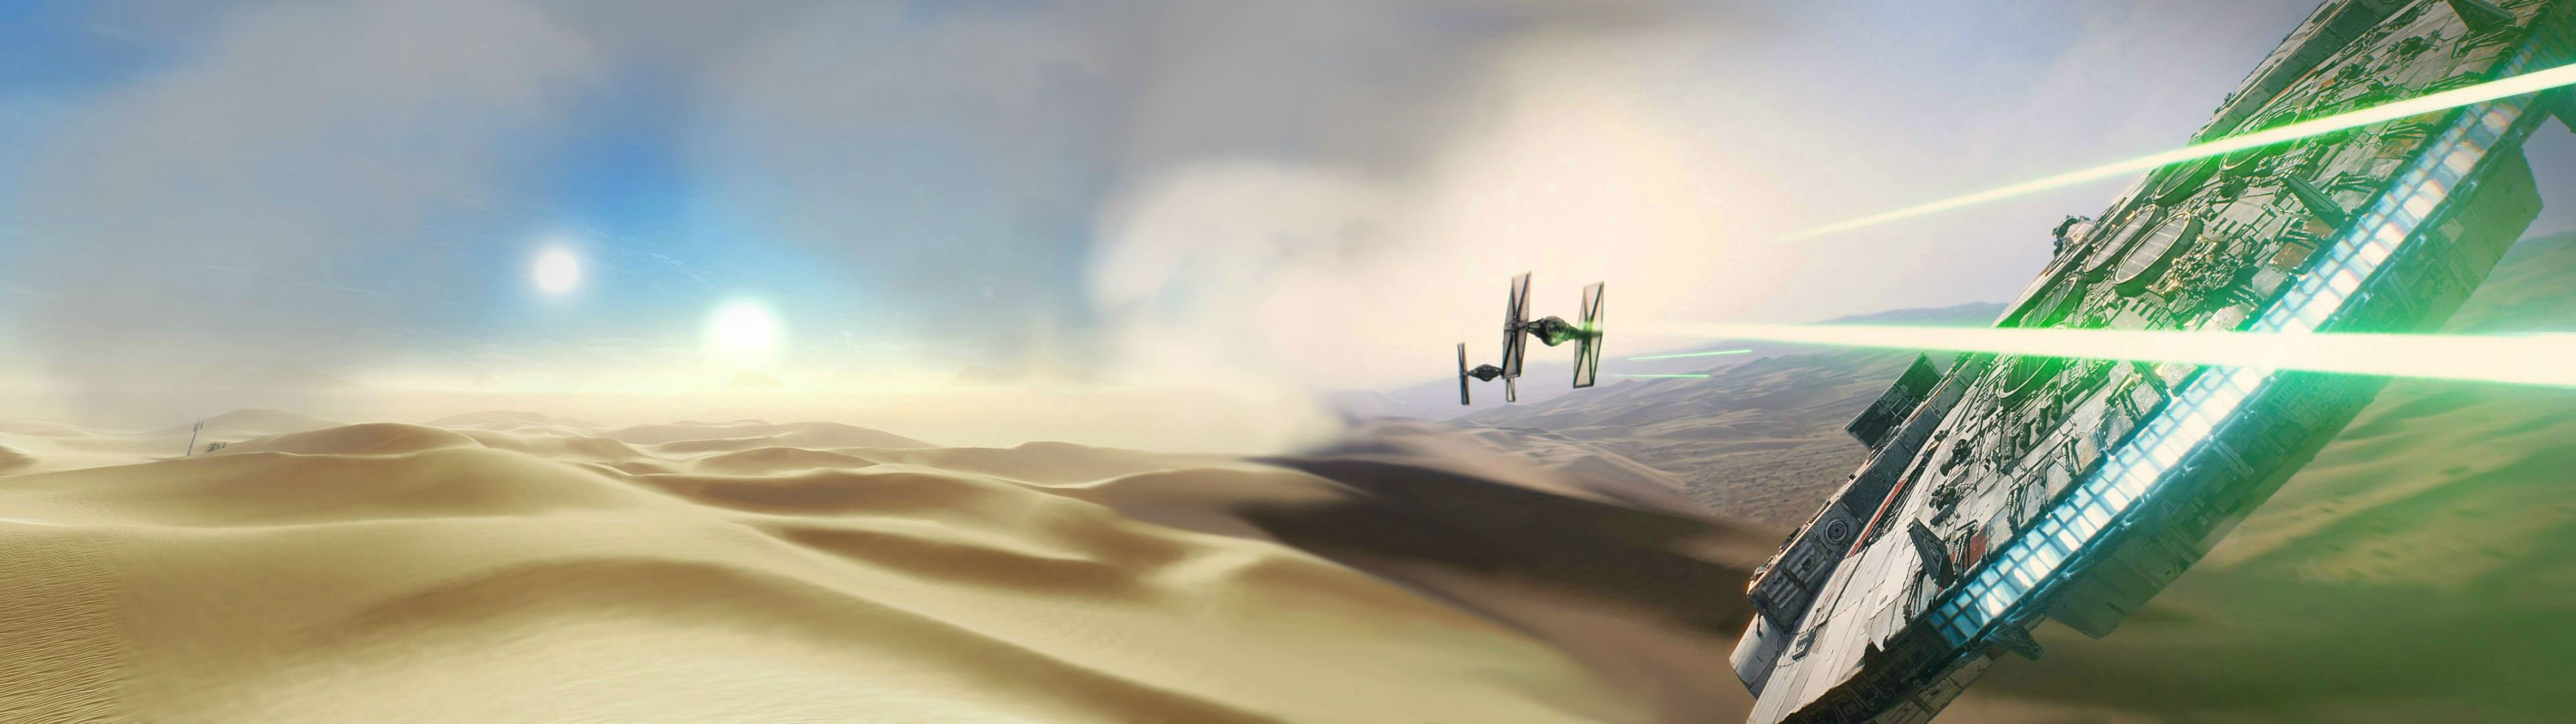 49 Panoramic Star Wars Wallpaper 3840x1080 On Wallpapersafari